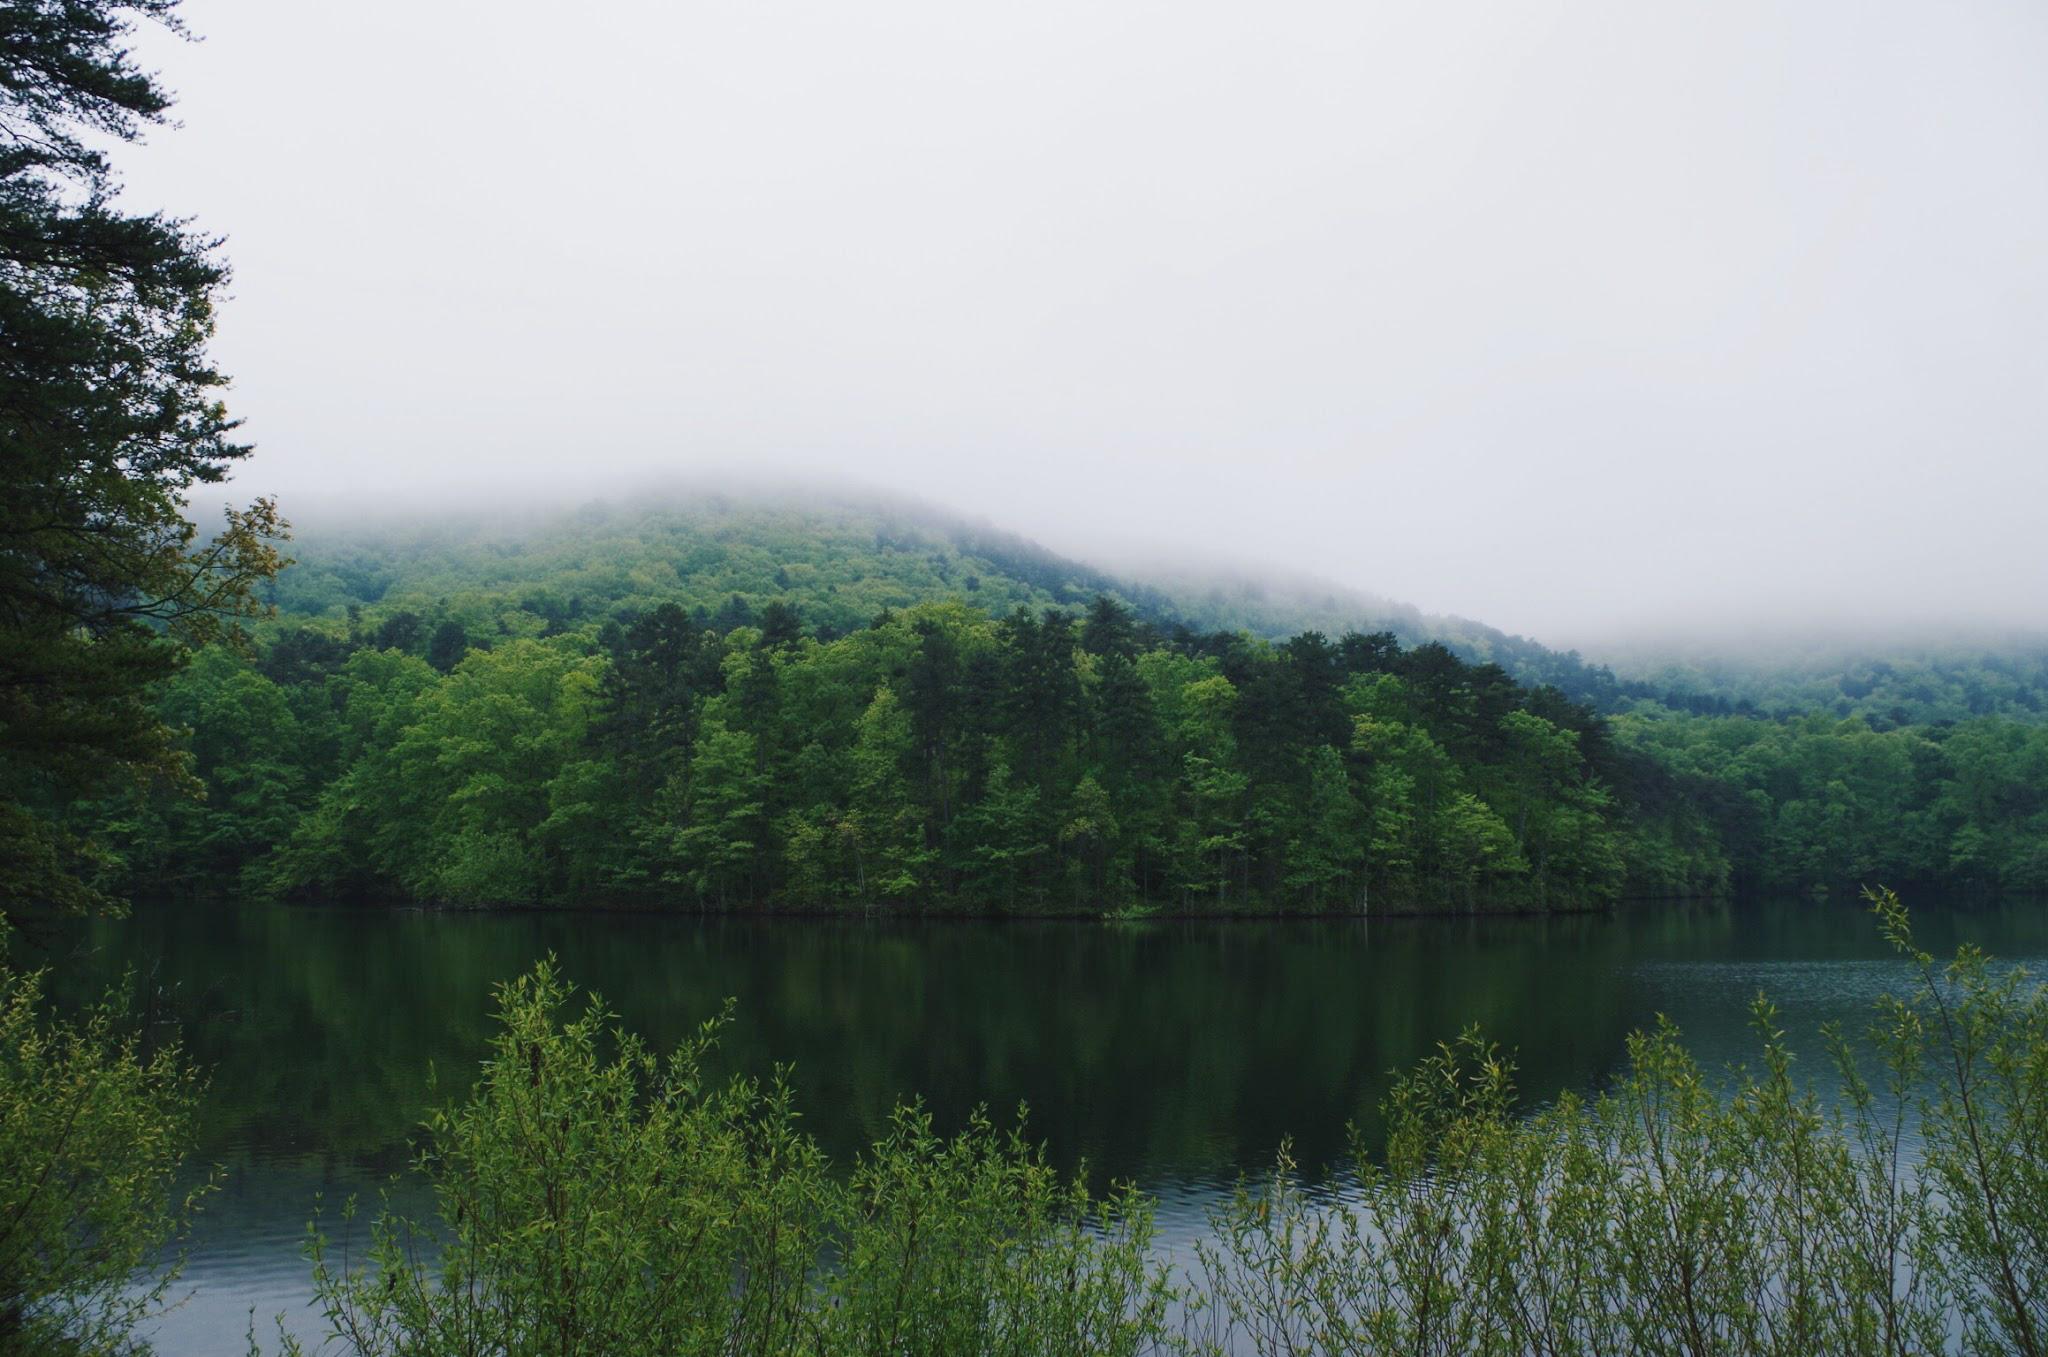 Paris Mountain State Park - Photo by Evan Lewis